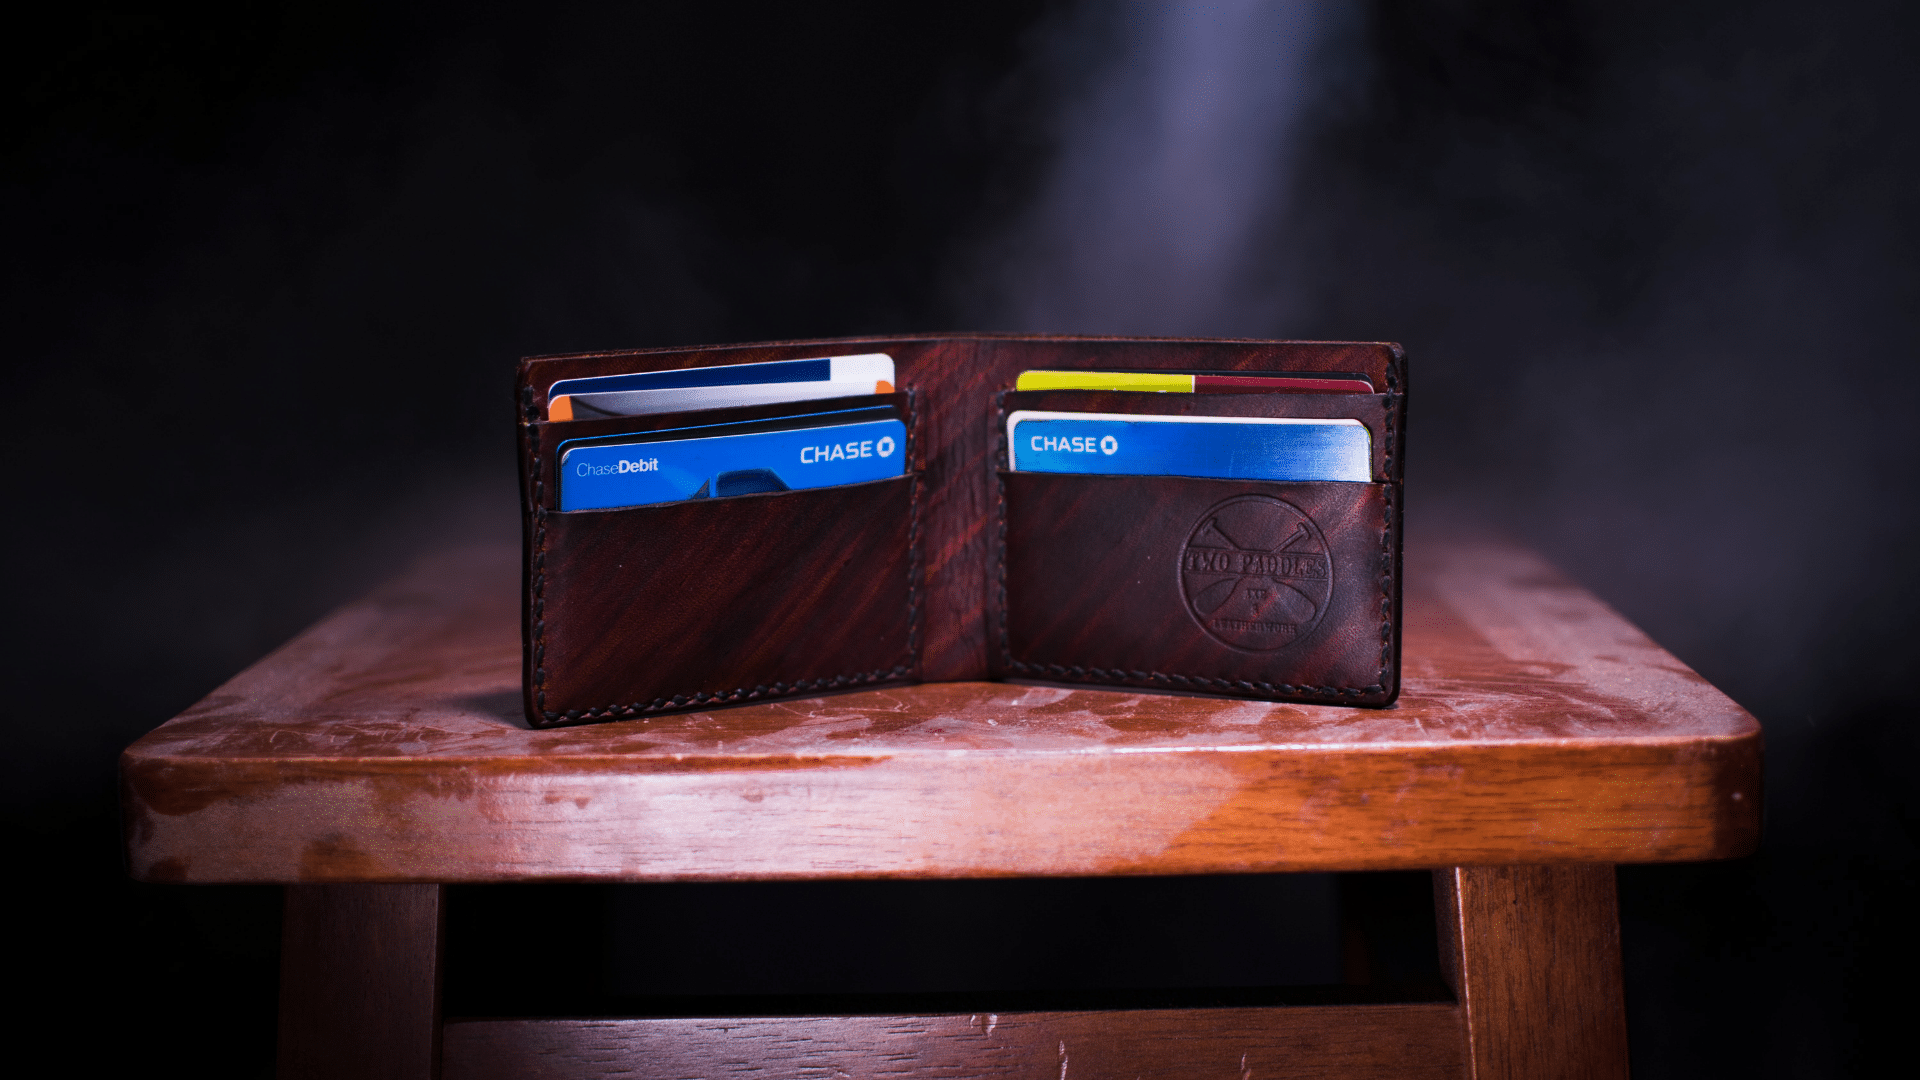 Kreditkarten mit Startguthaben